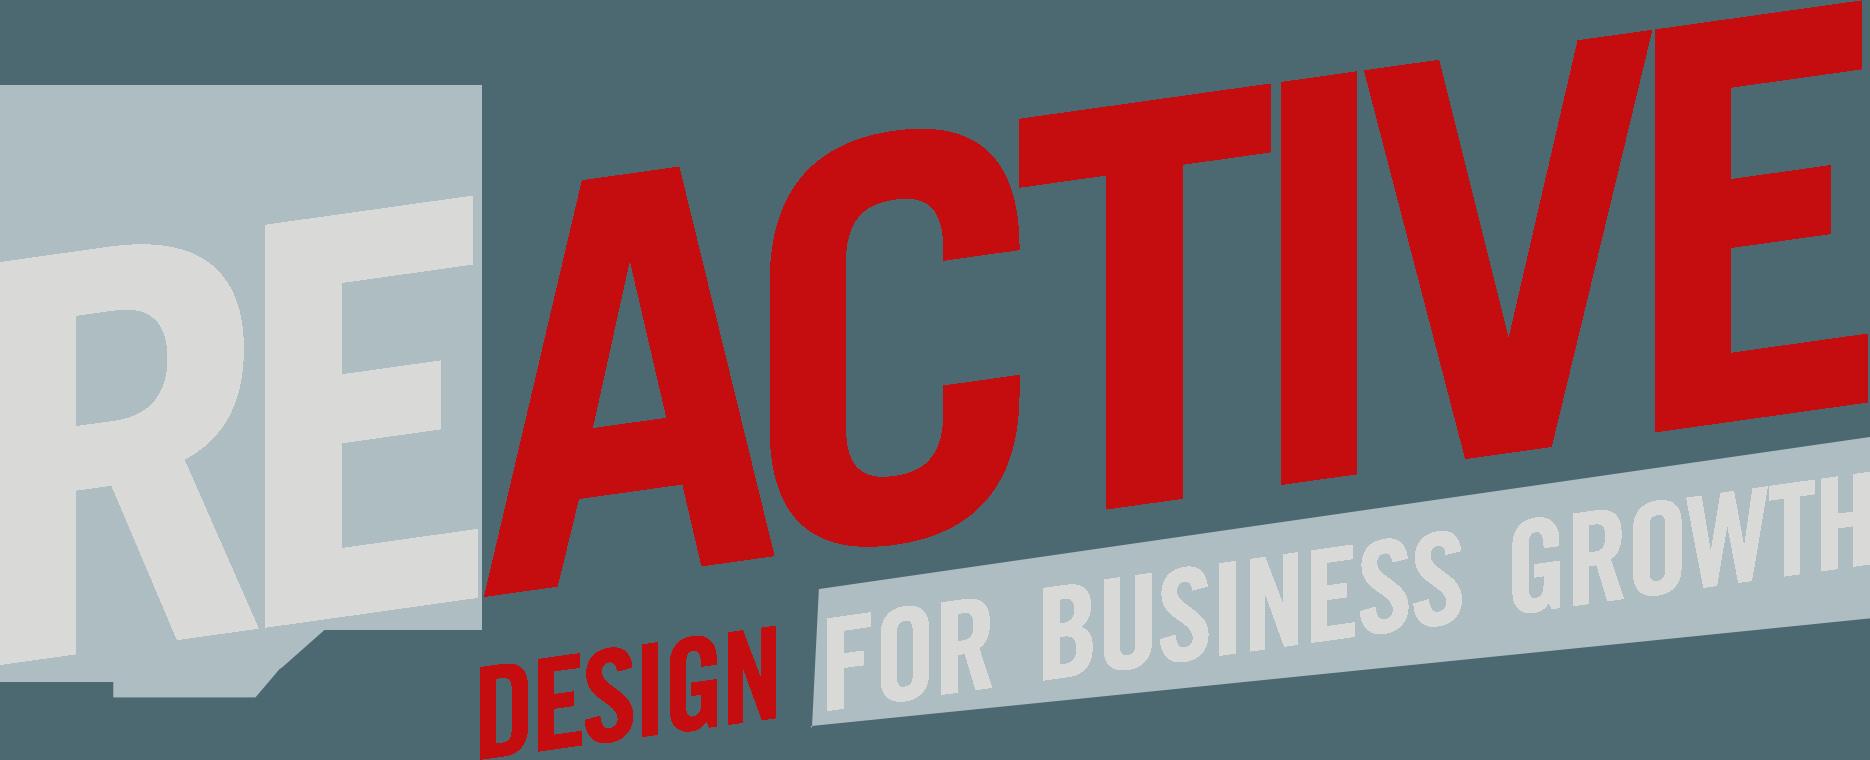 Reactive Design